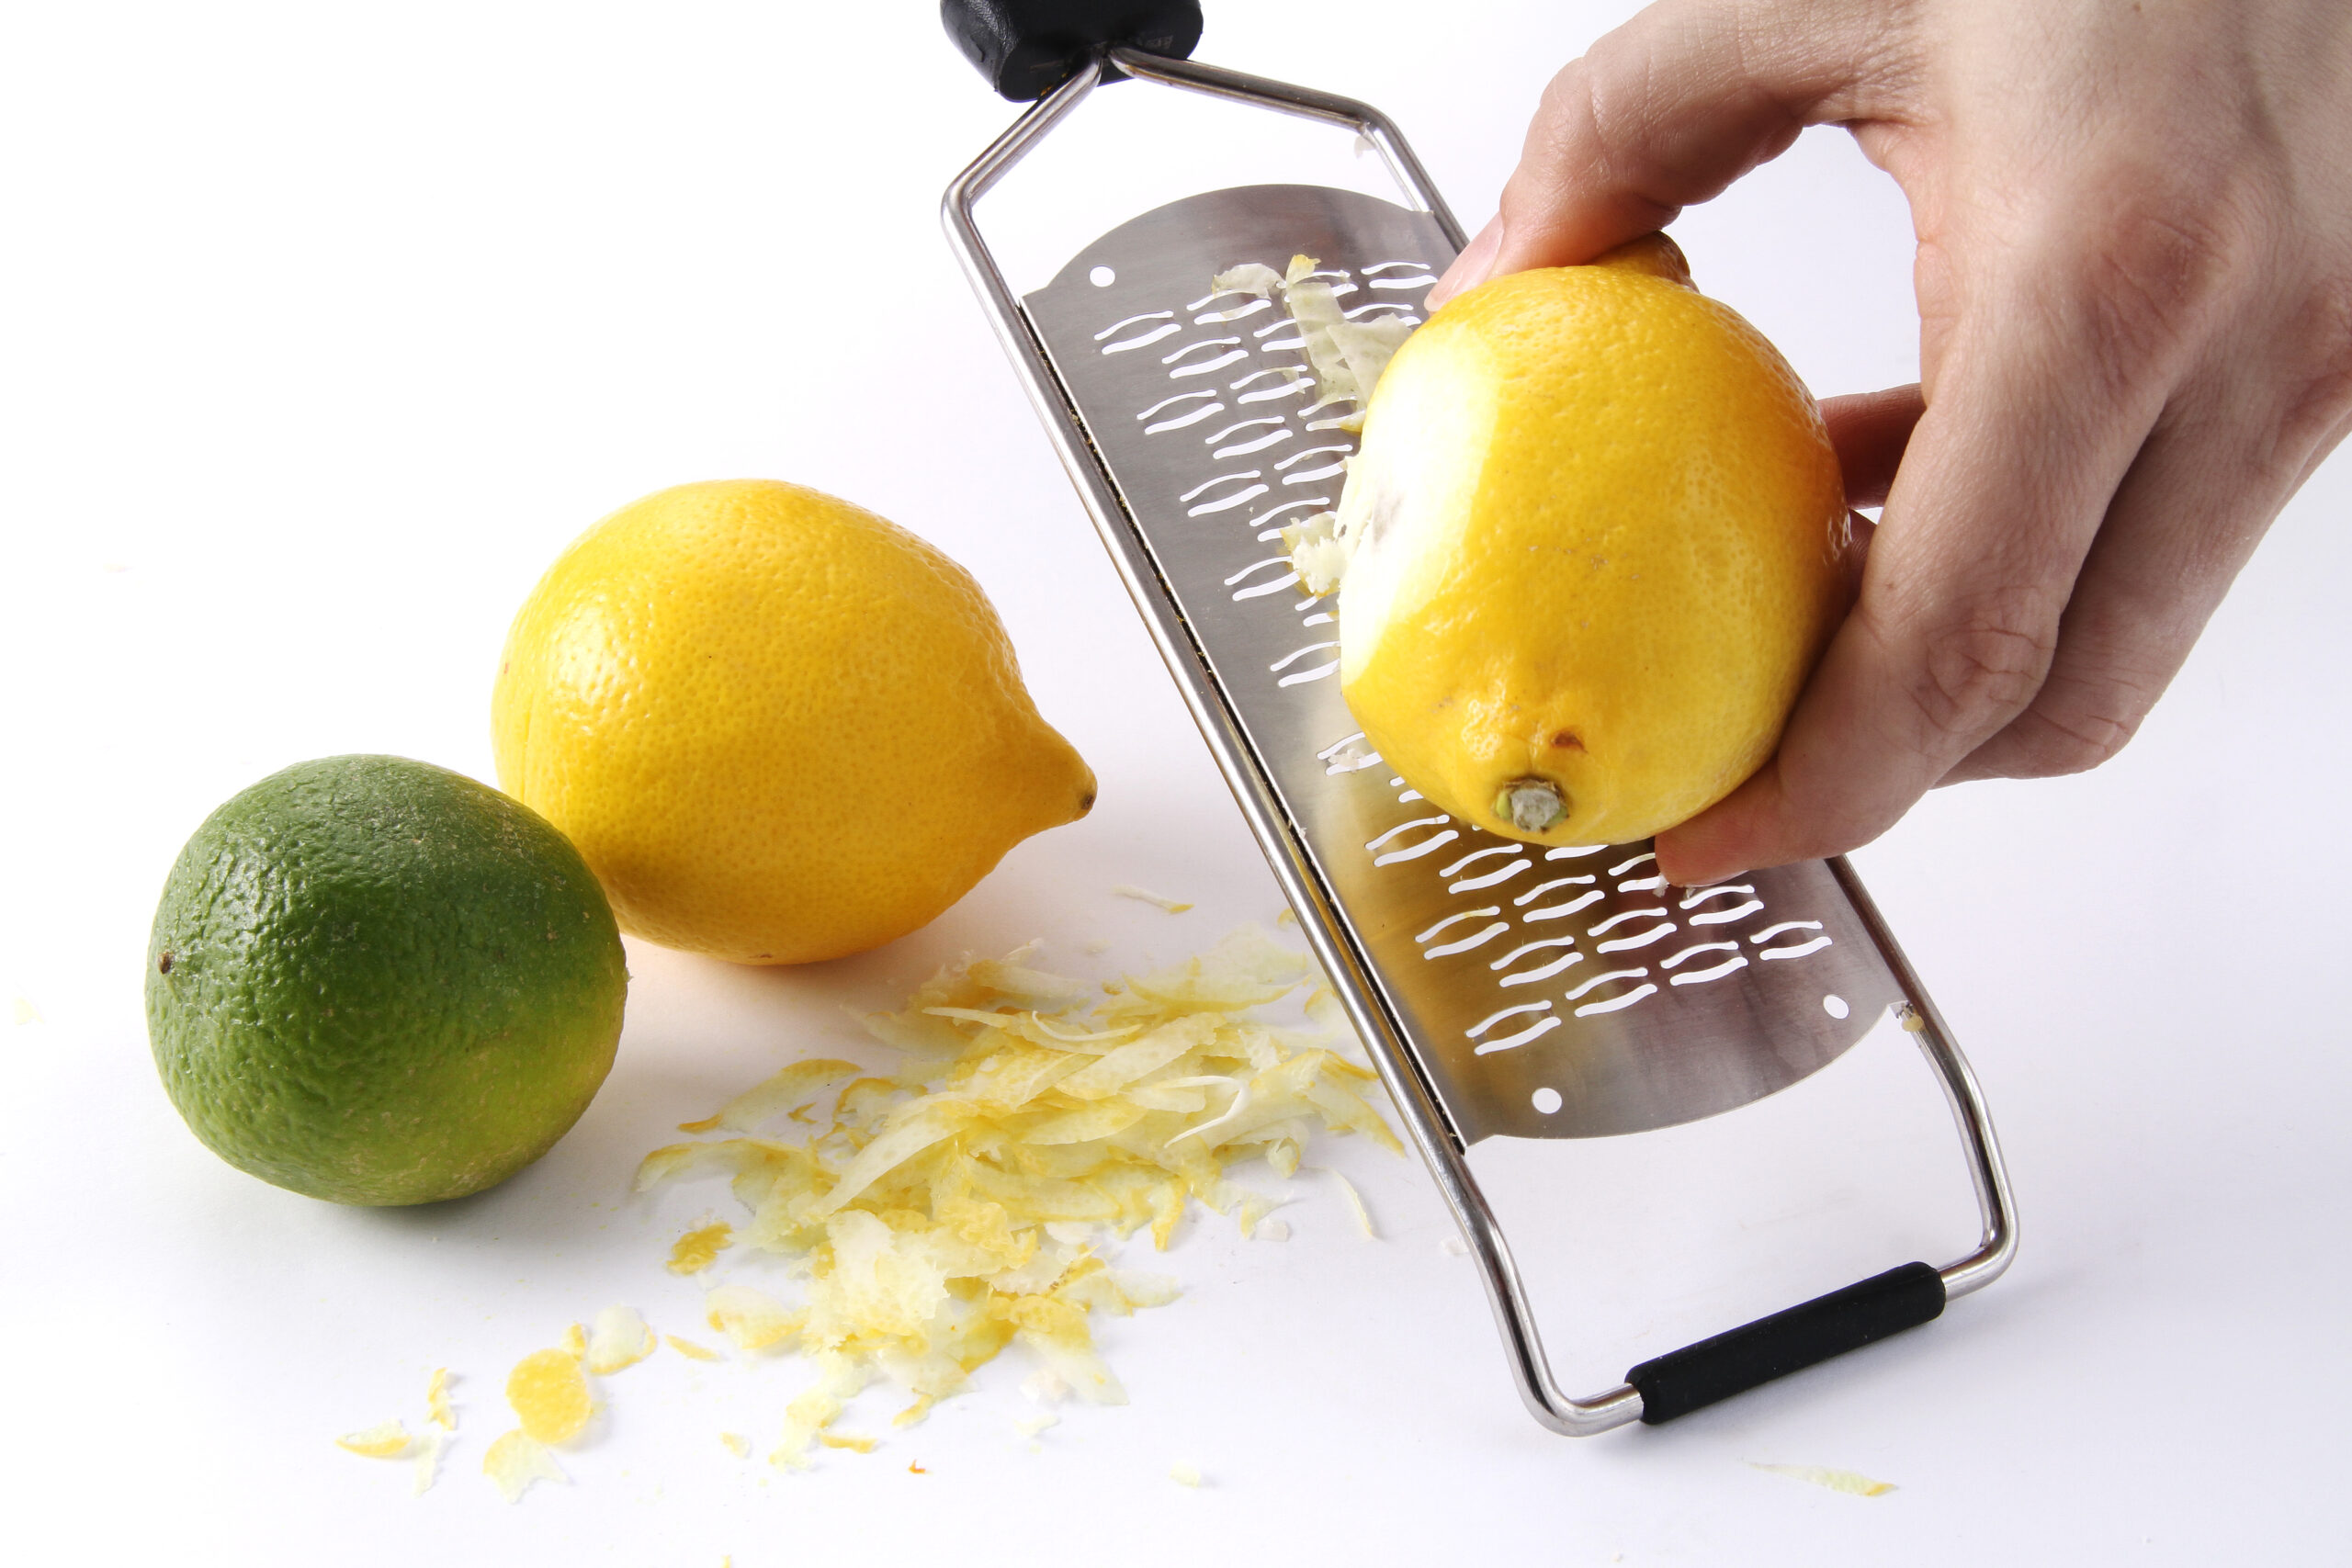 Medium ribbet rivejern - skarpt og præcist - til f.eks citronskal